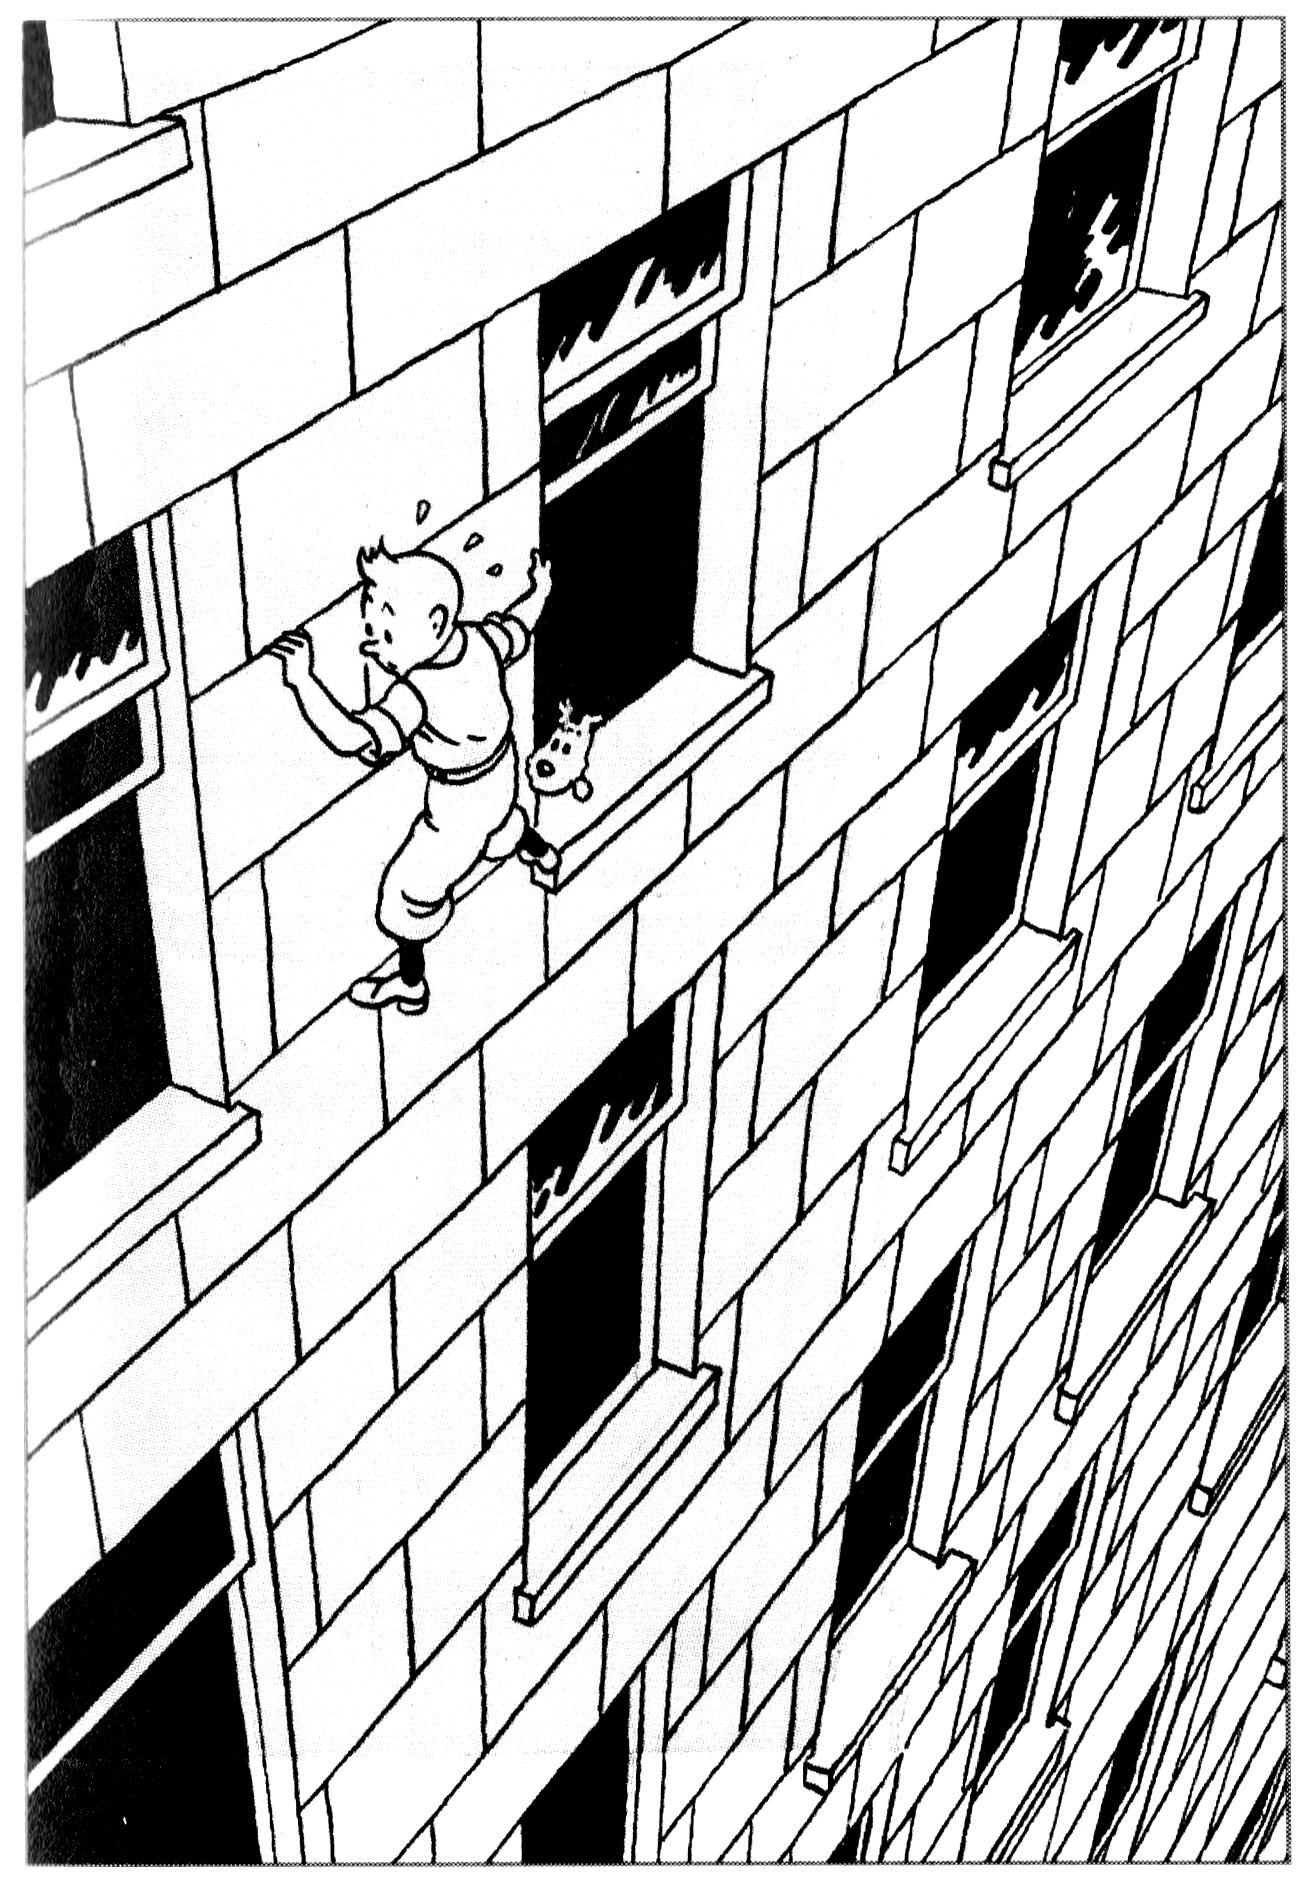 Tintin en Amérique ... et dans une mauvaise situation (dessin d'Hergé de 1932)A partir de la galerie : Livres Et Comics